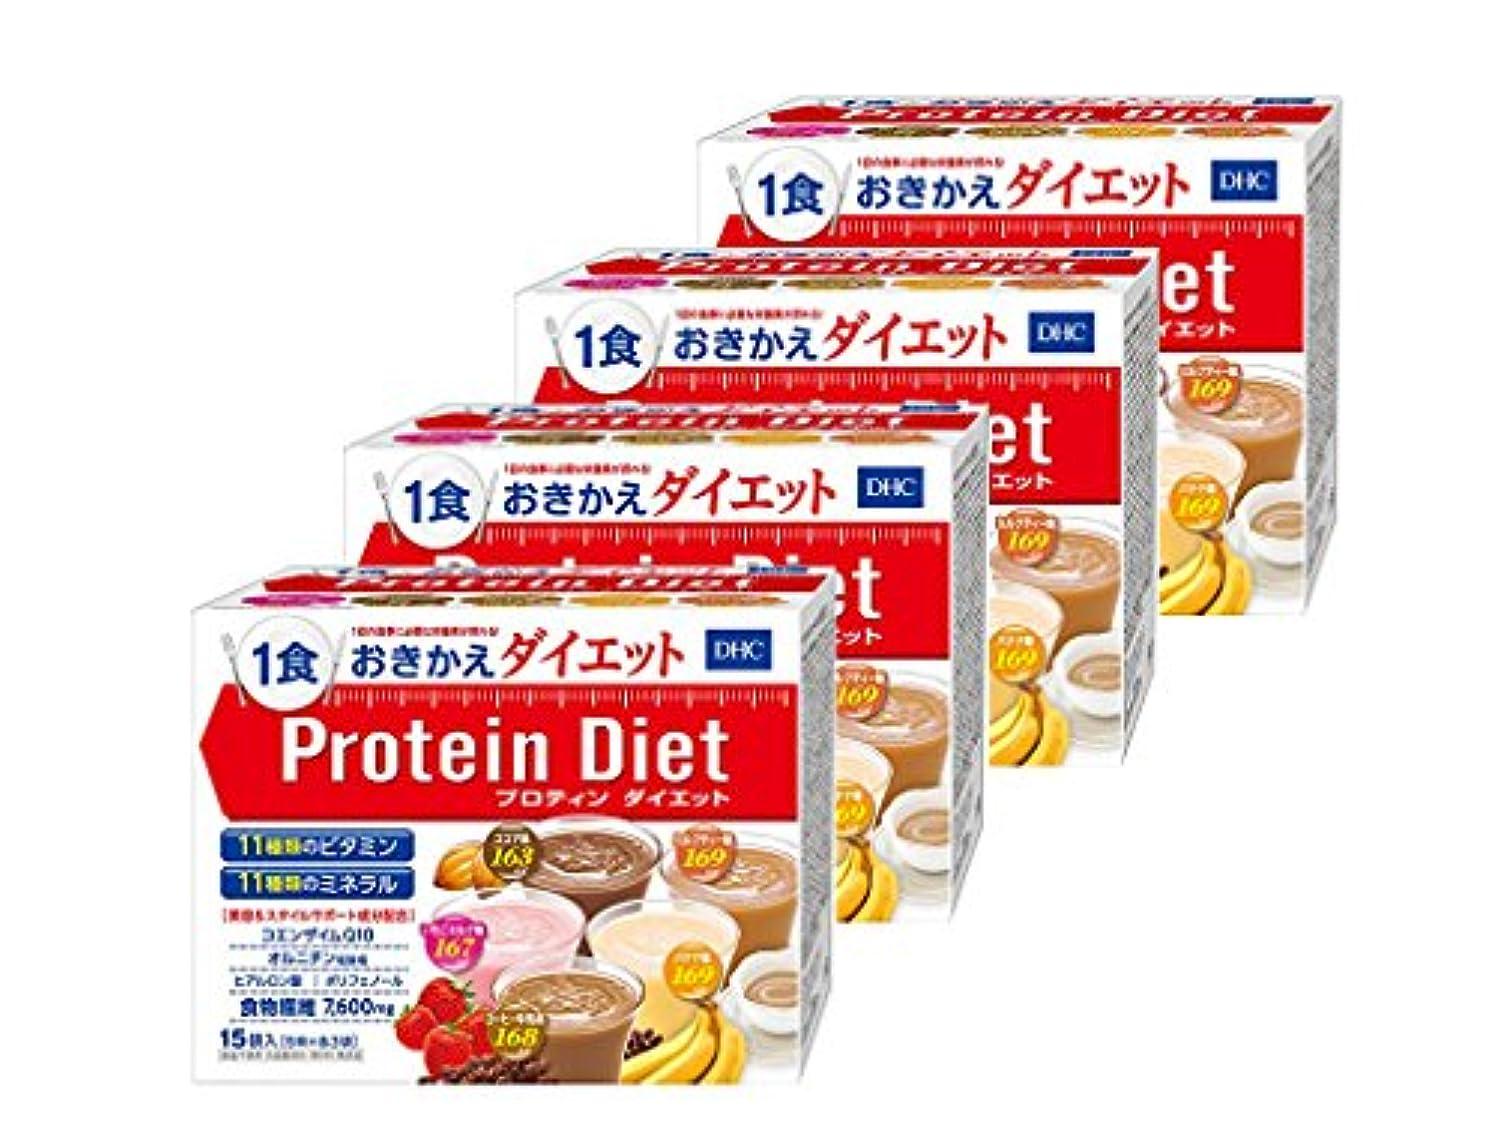 シェルター示すマイクDHC プロティンダイエット 1箱15袋入 4箱セット 1食169kcal以下&栄養バッチリ! リニューアル